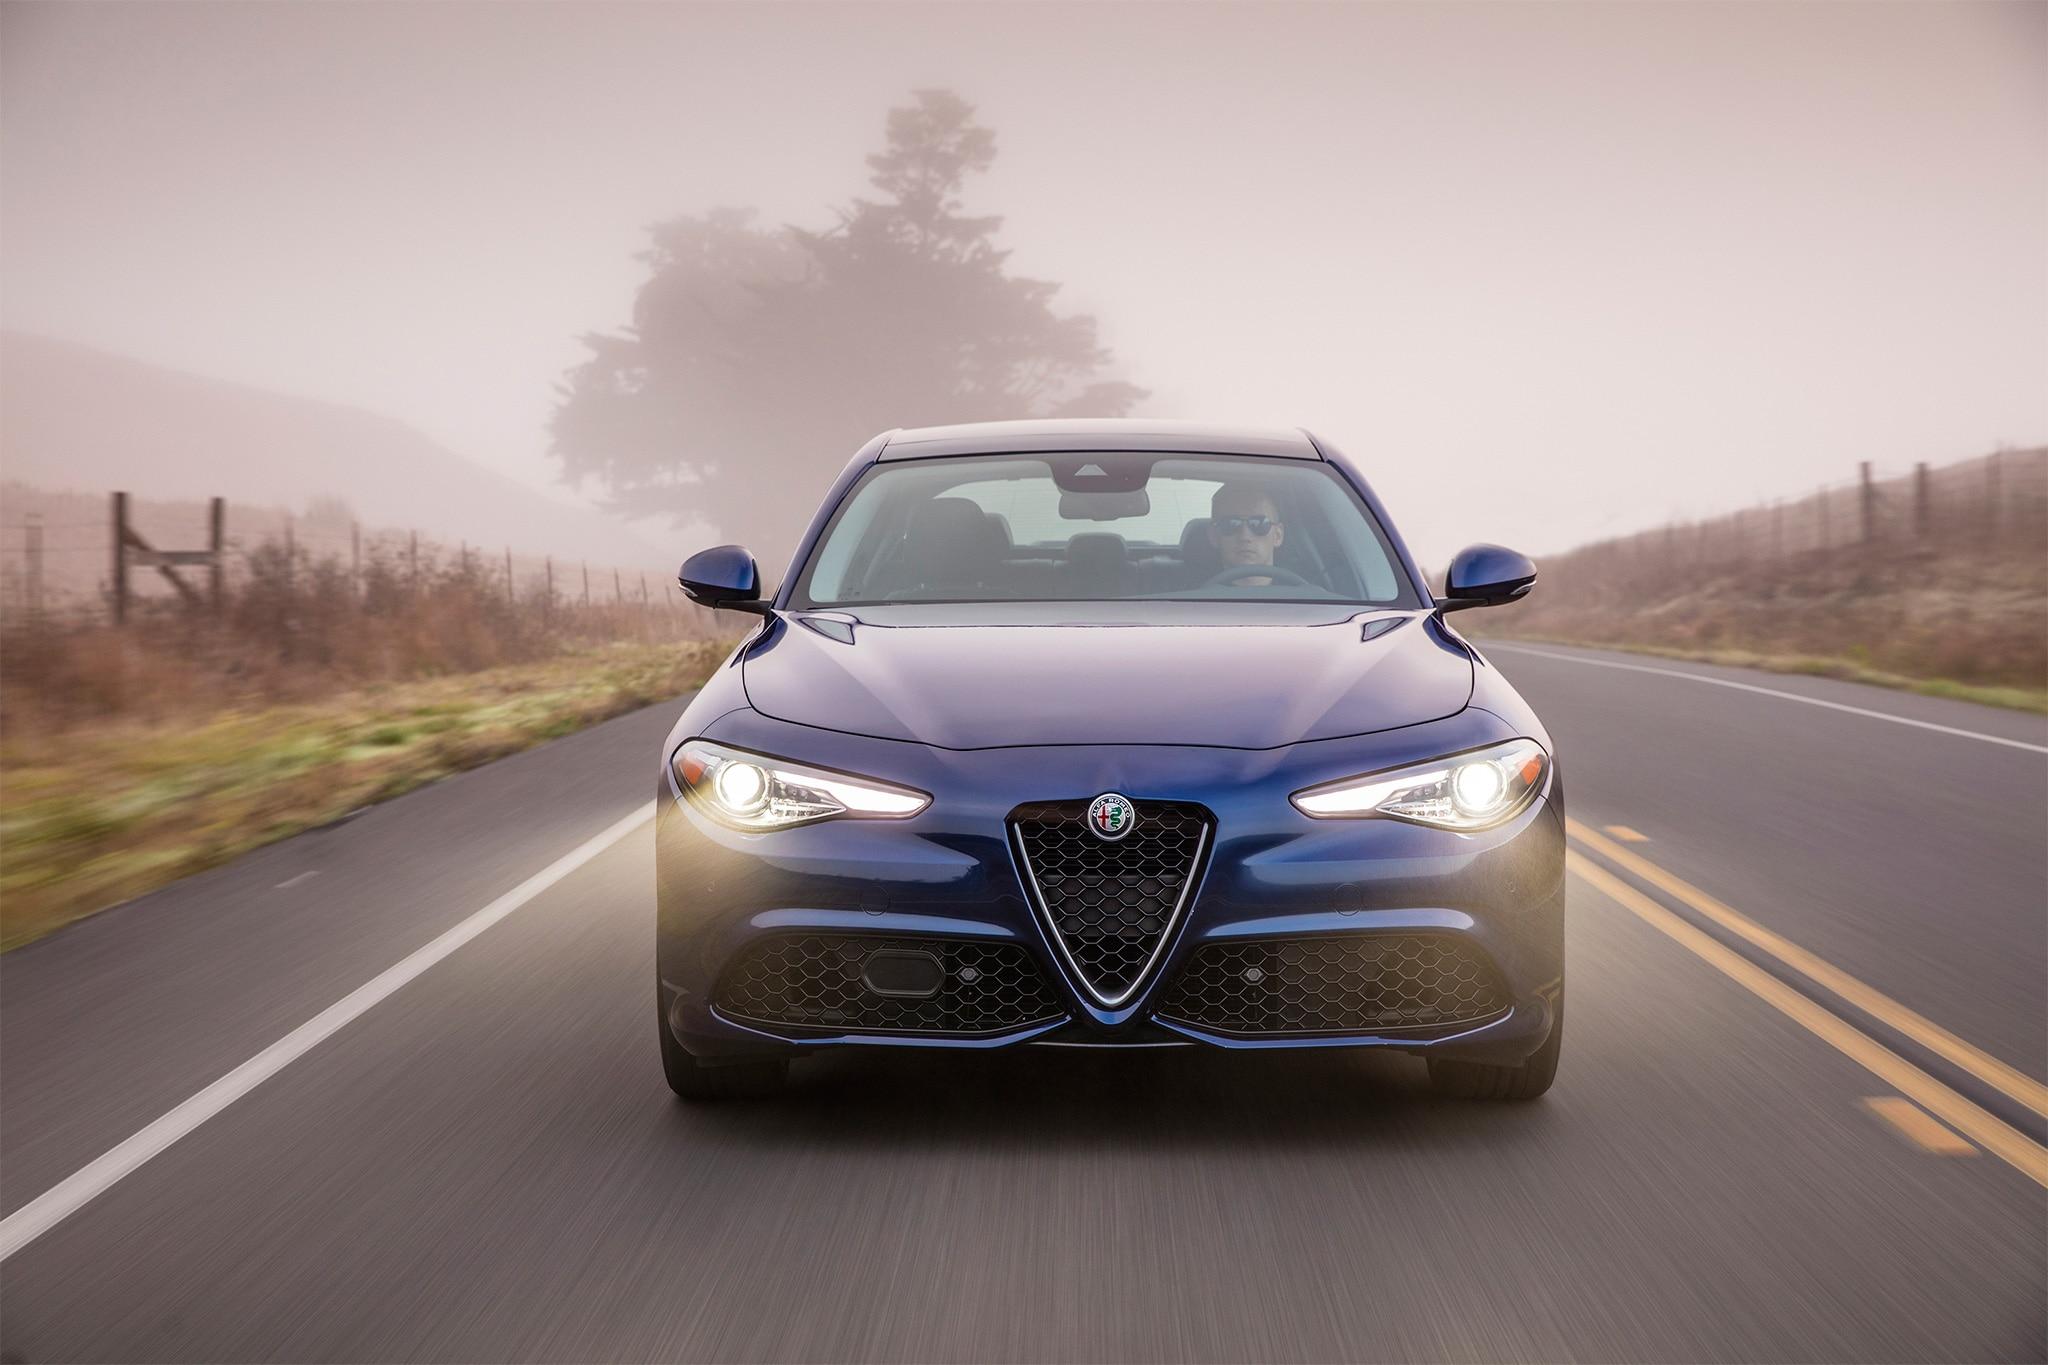 2017 Alfa Romeo Giulia Msrp >> 2017 Alfa Romeo Giulia Quadrifoglio, Giulia Ti Engine Details.